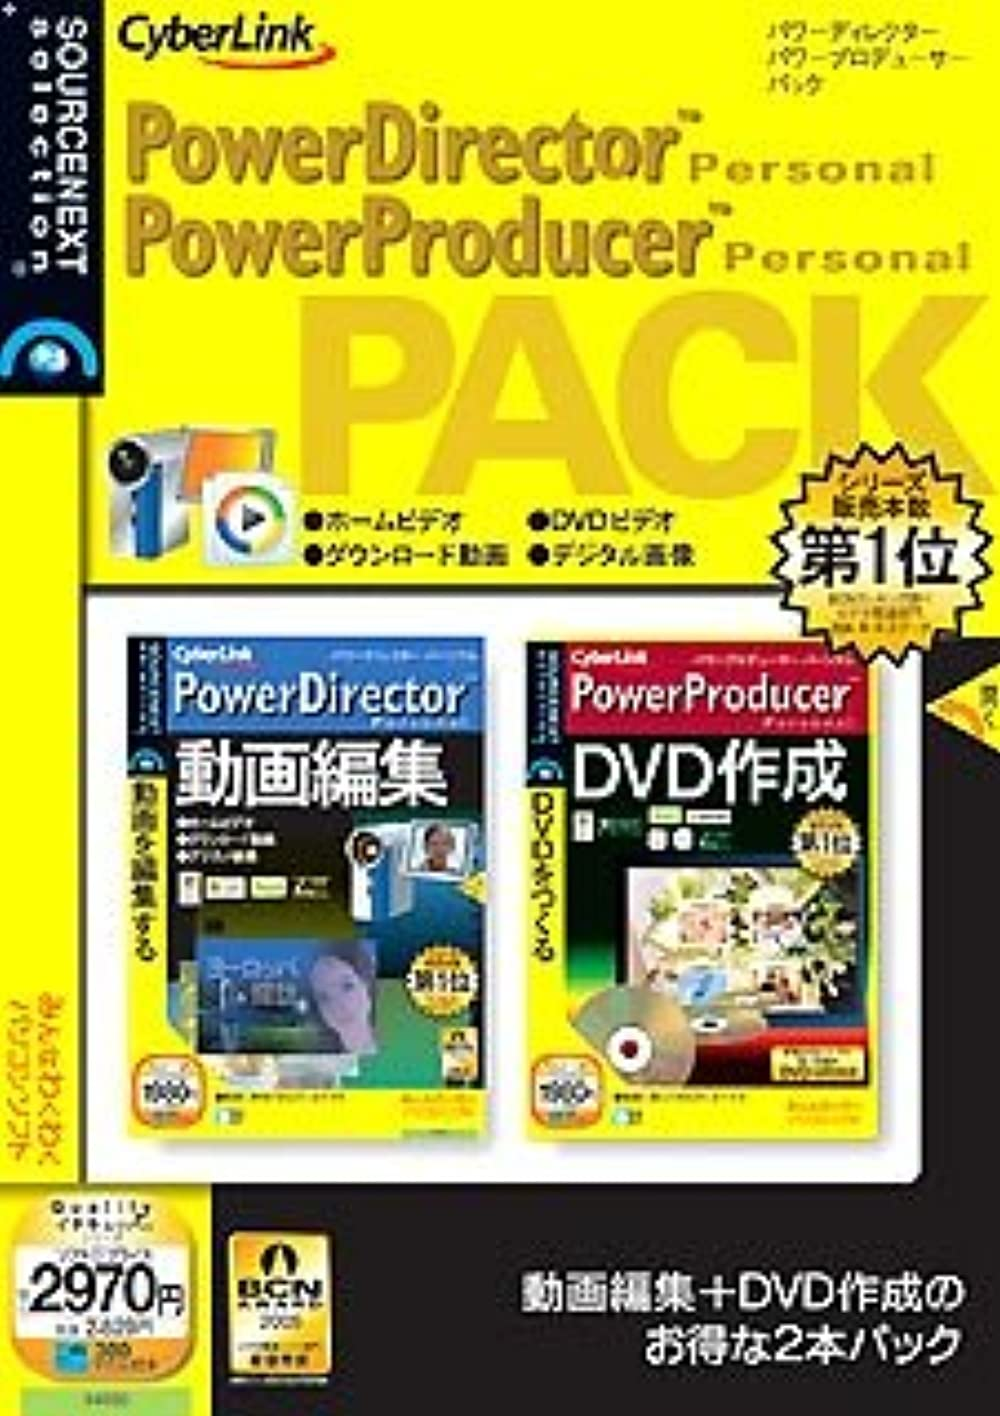 ランチョンオフェンス士気PowerDirector Personal / PowerProducer Personal PACK (説明扉付きスリムパッケージ版)